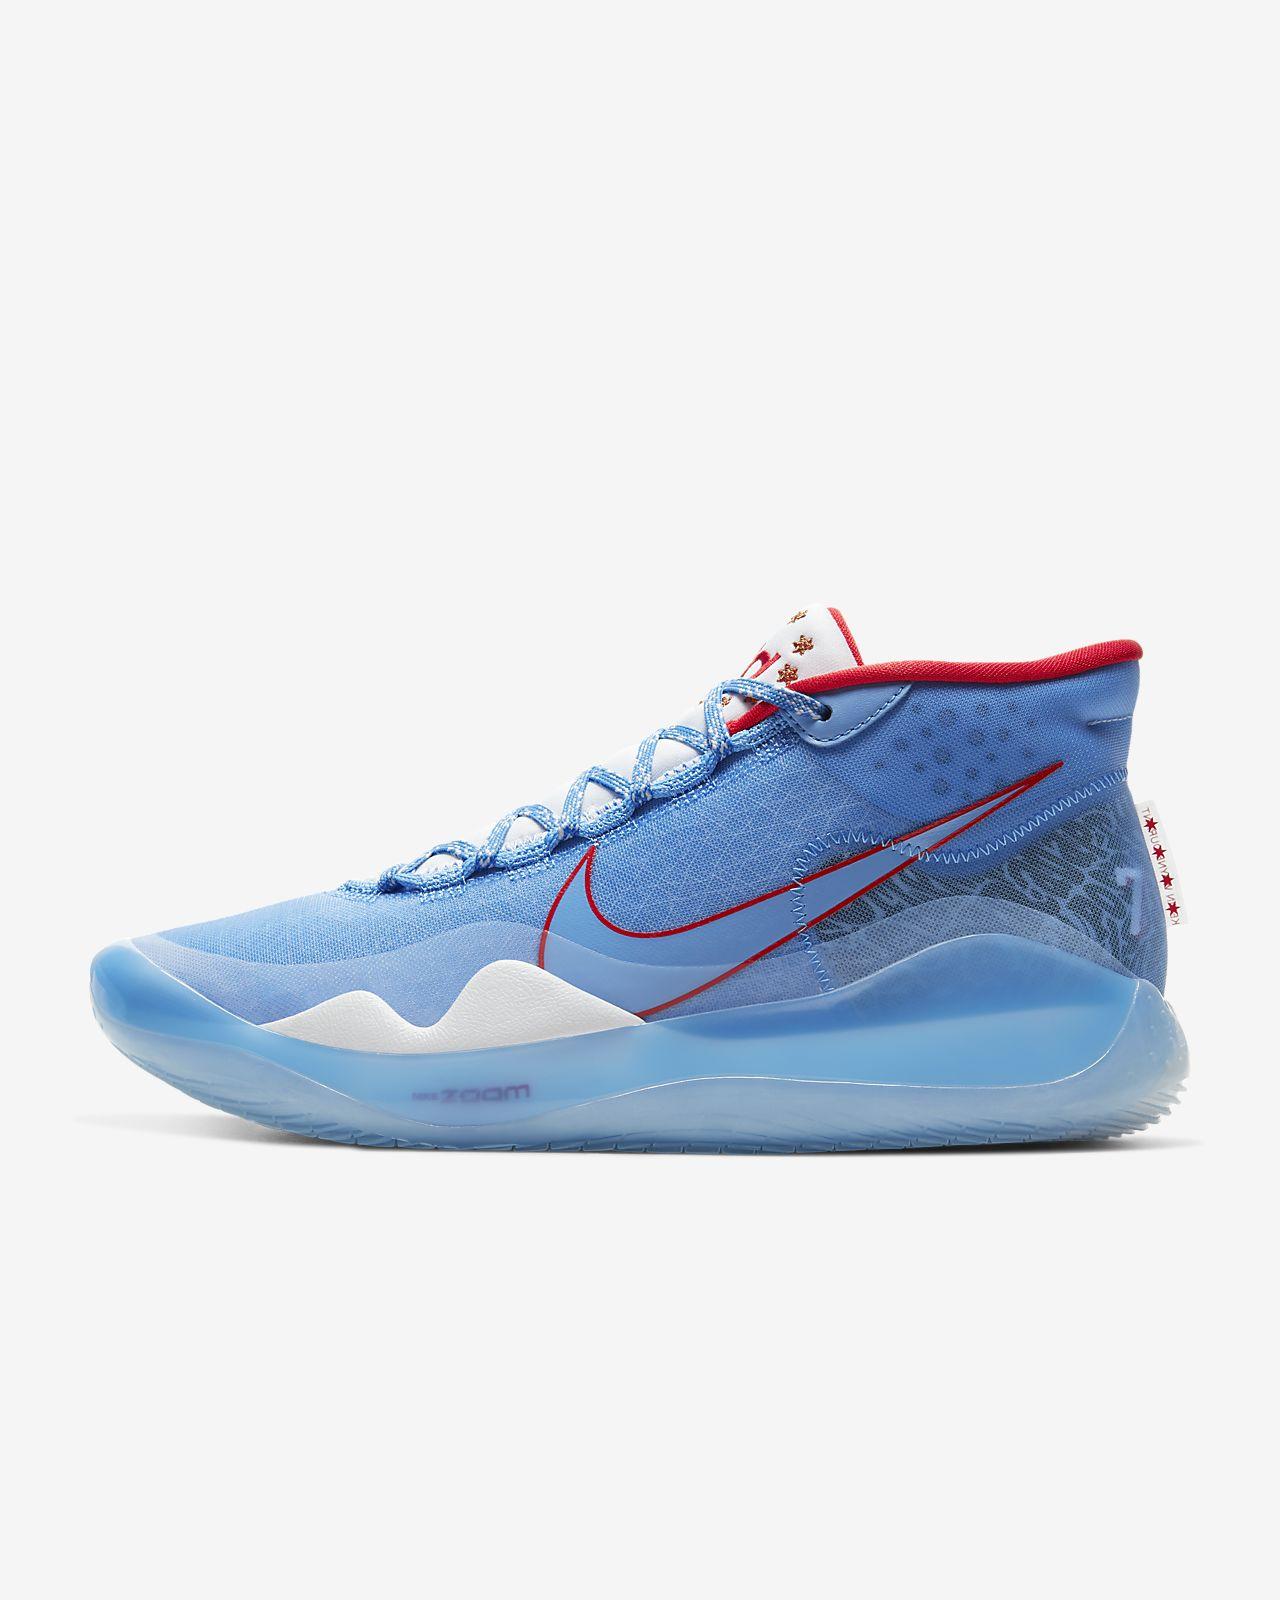 Basketball Skor Nike Zoom KD III Kevin Durant Vit Vit Team